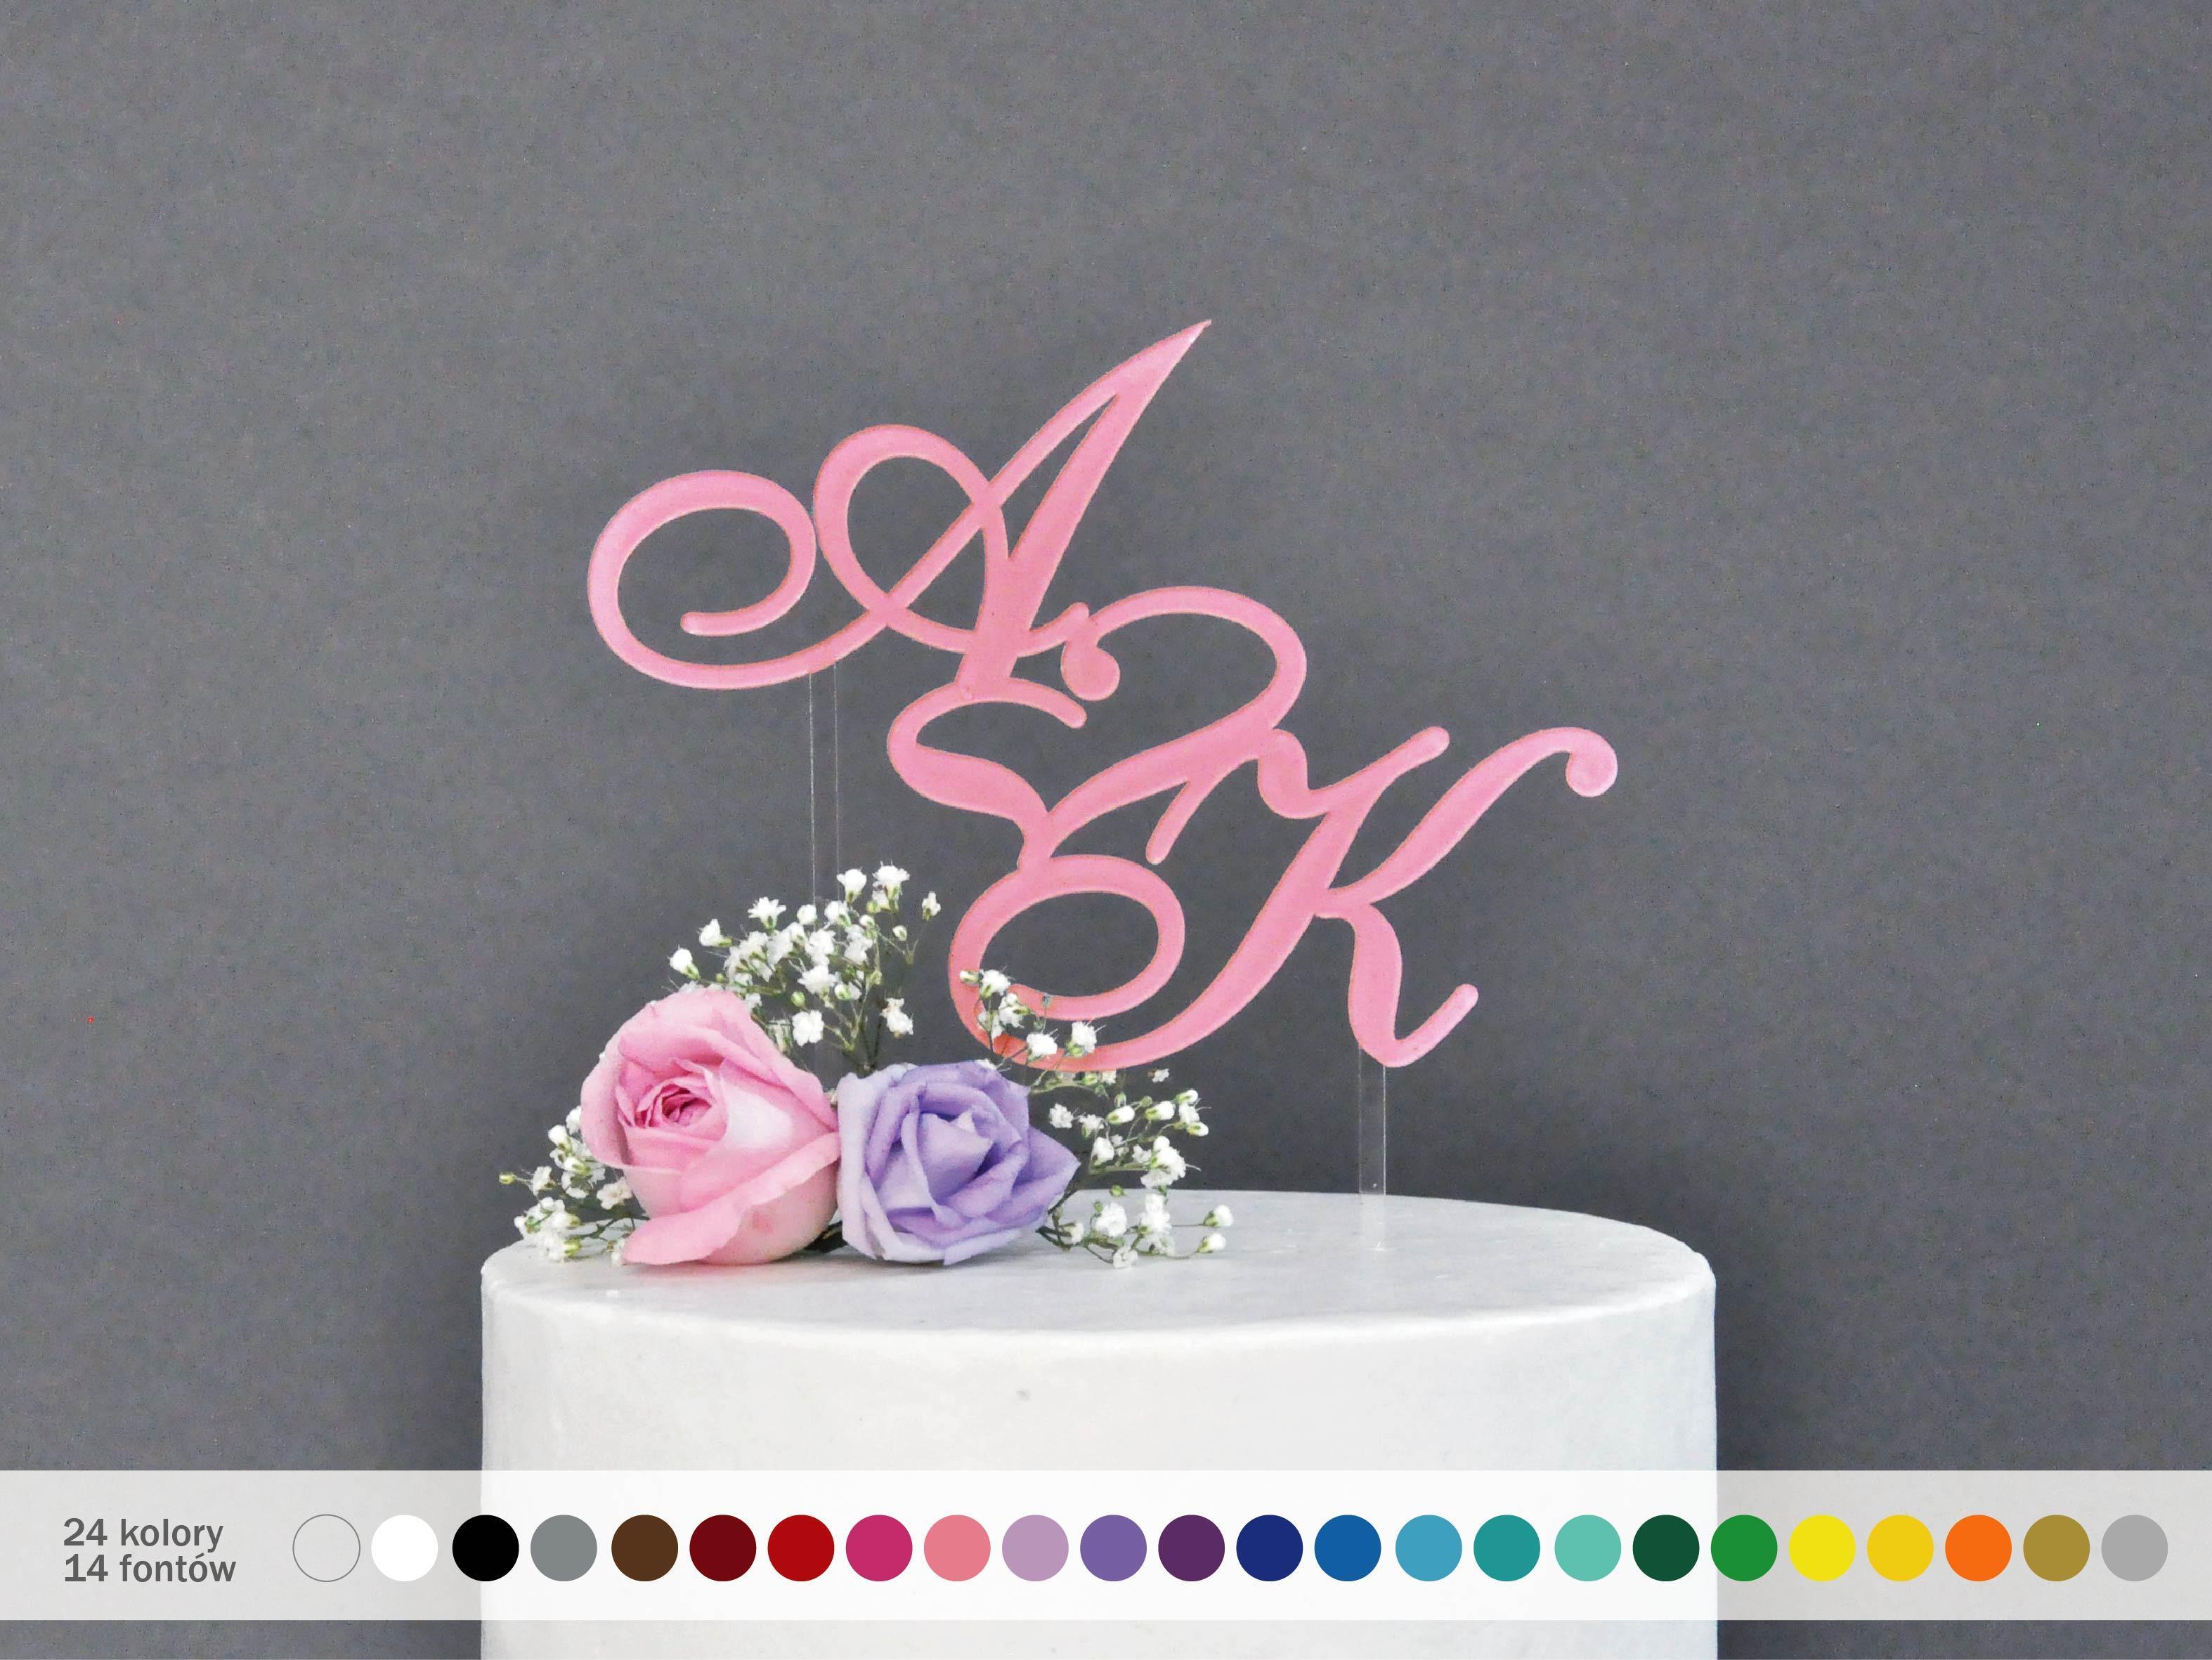 Spersonalizowana Dekoracja Na Tort Weselny Inicjały Na Tort Cake